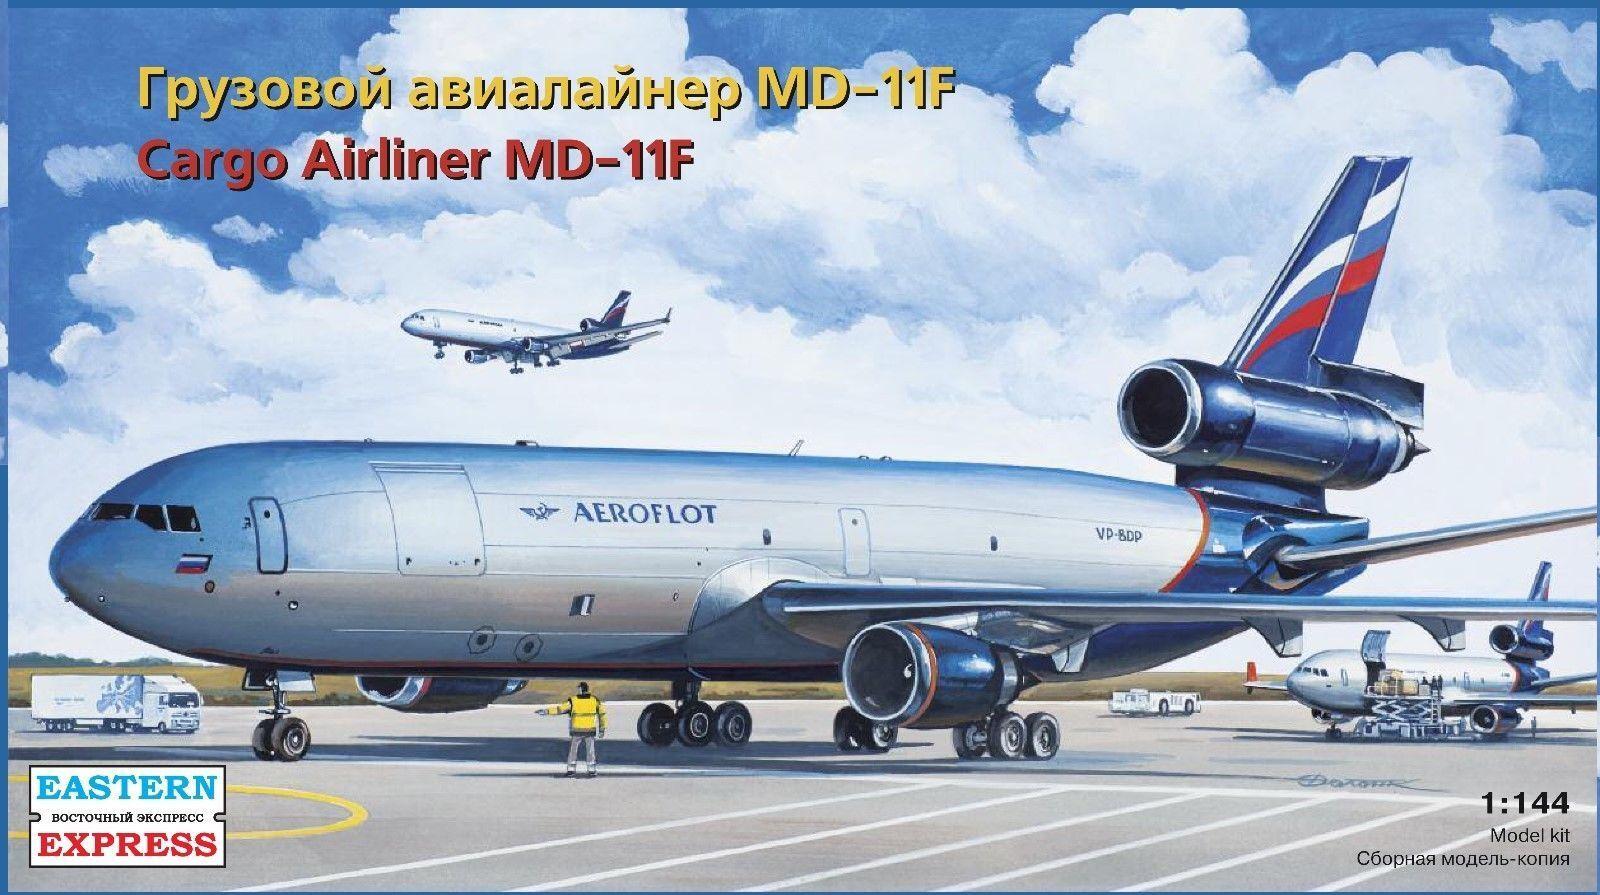 EASTERN EXPRES 144103 bilGO AIRLINER MD -11F SCALmodellllerL KIT 1  144 NY